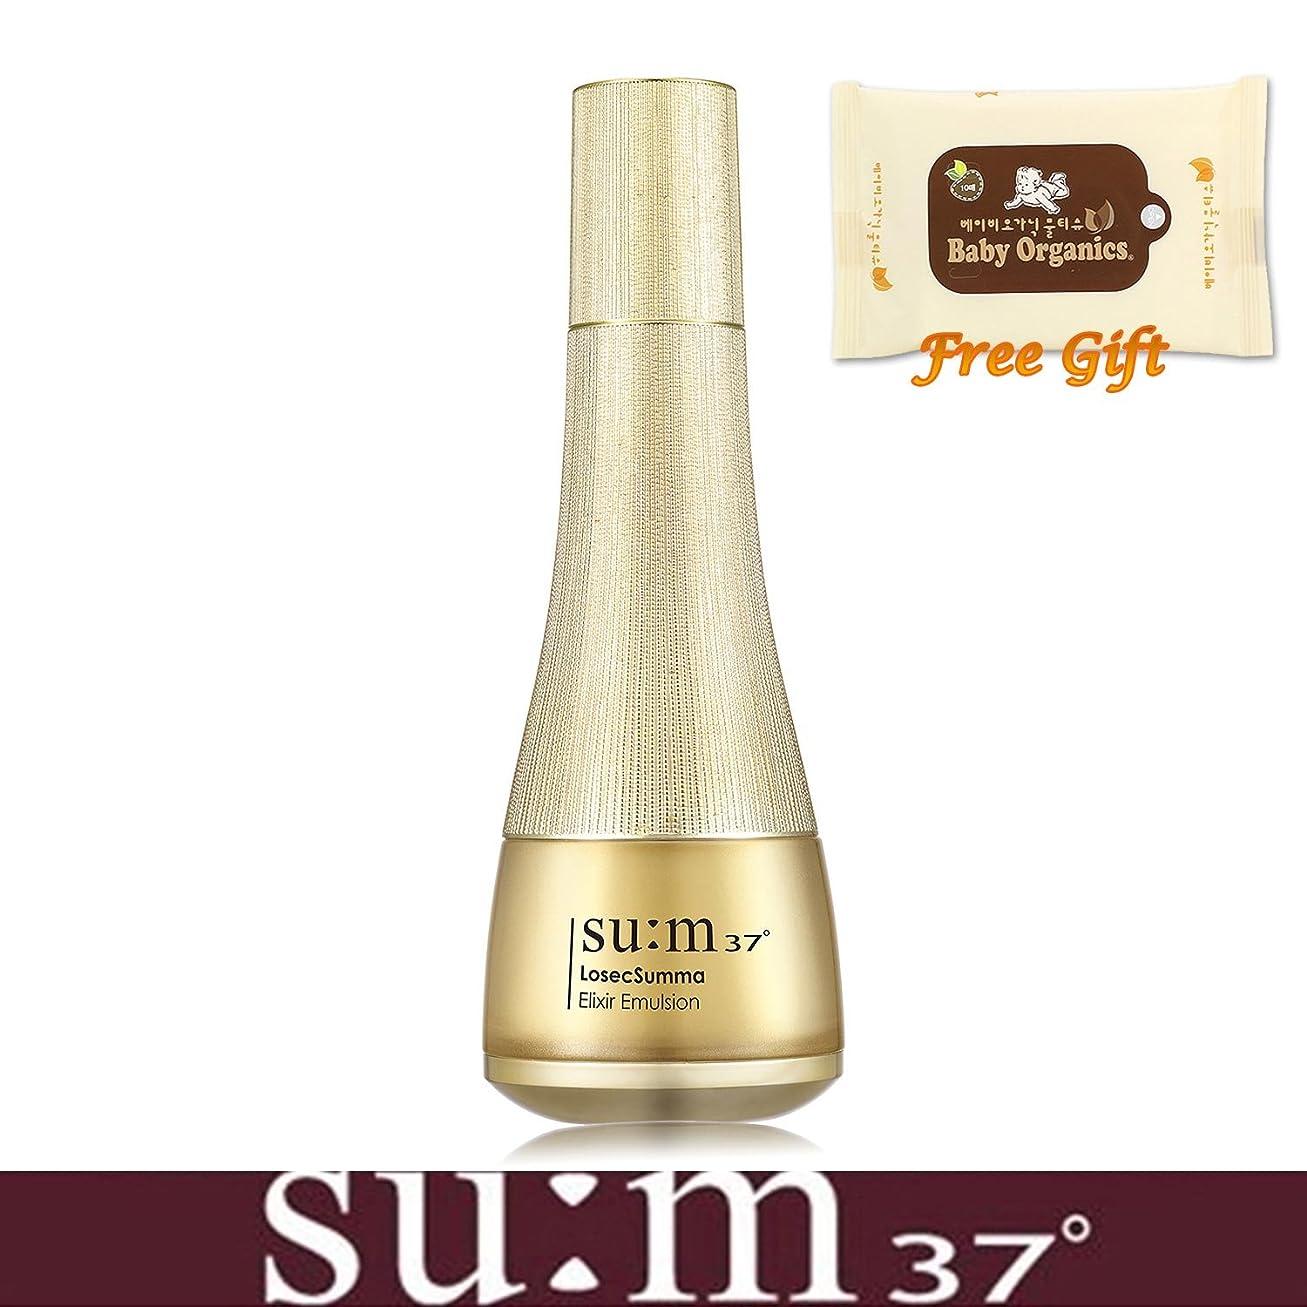 アテンダント白雪姫データム[su:m37/スム37°]Sum37 LOSEC SUMMA ELIXIR emulsion 130 ml+ Portable Tissue/スム37 LOSEC SUMMA ELIXIR エマルジョン 130ml + [Free Gift](海外直送品)